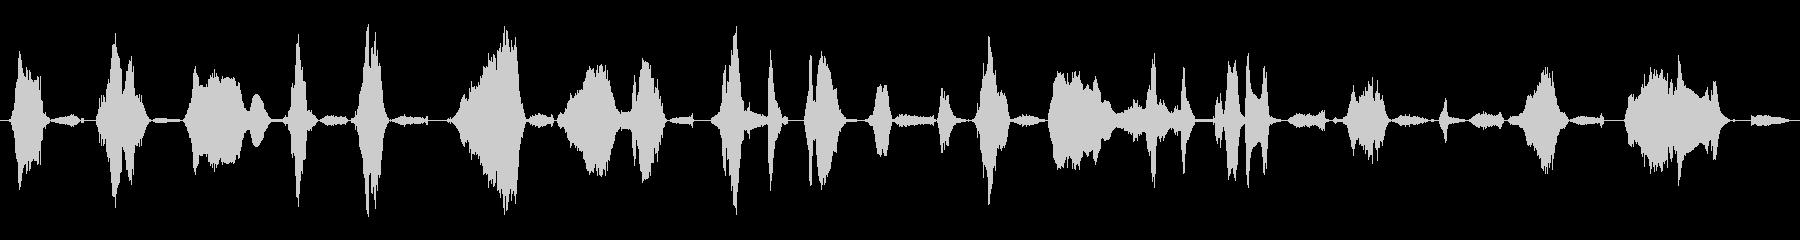 成人女性:苦労するうなり声の未再生の波形